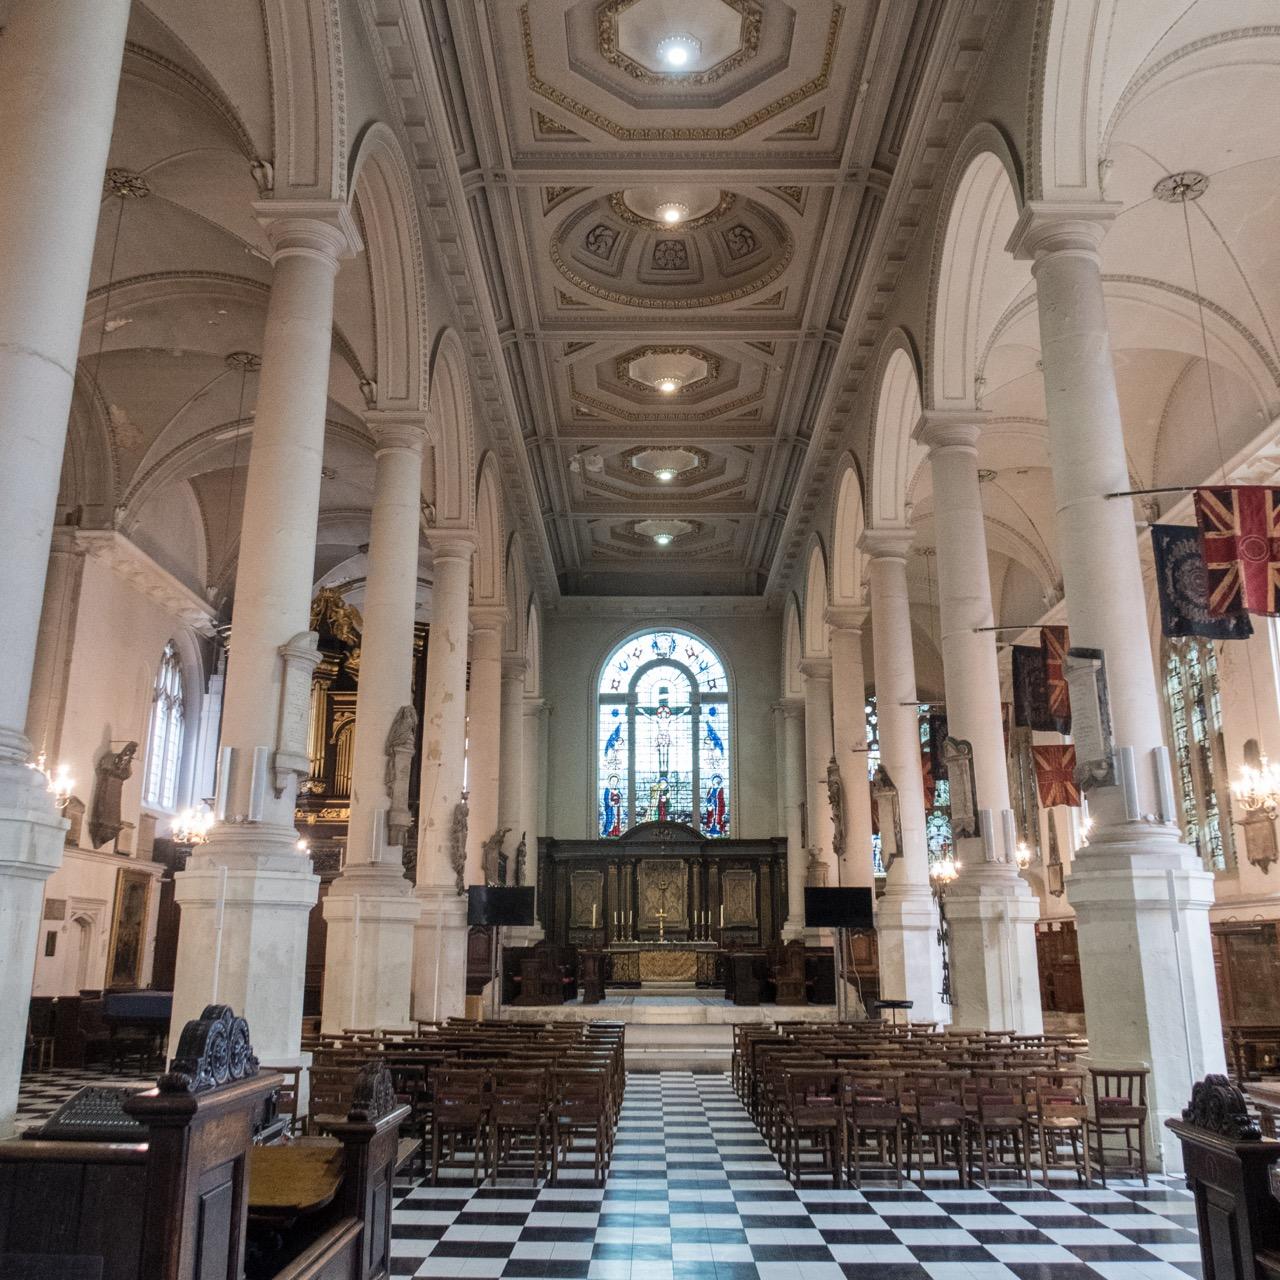 St Sepulchre, interior view